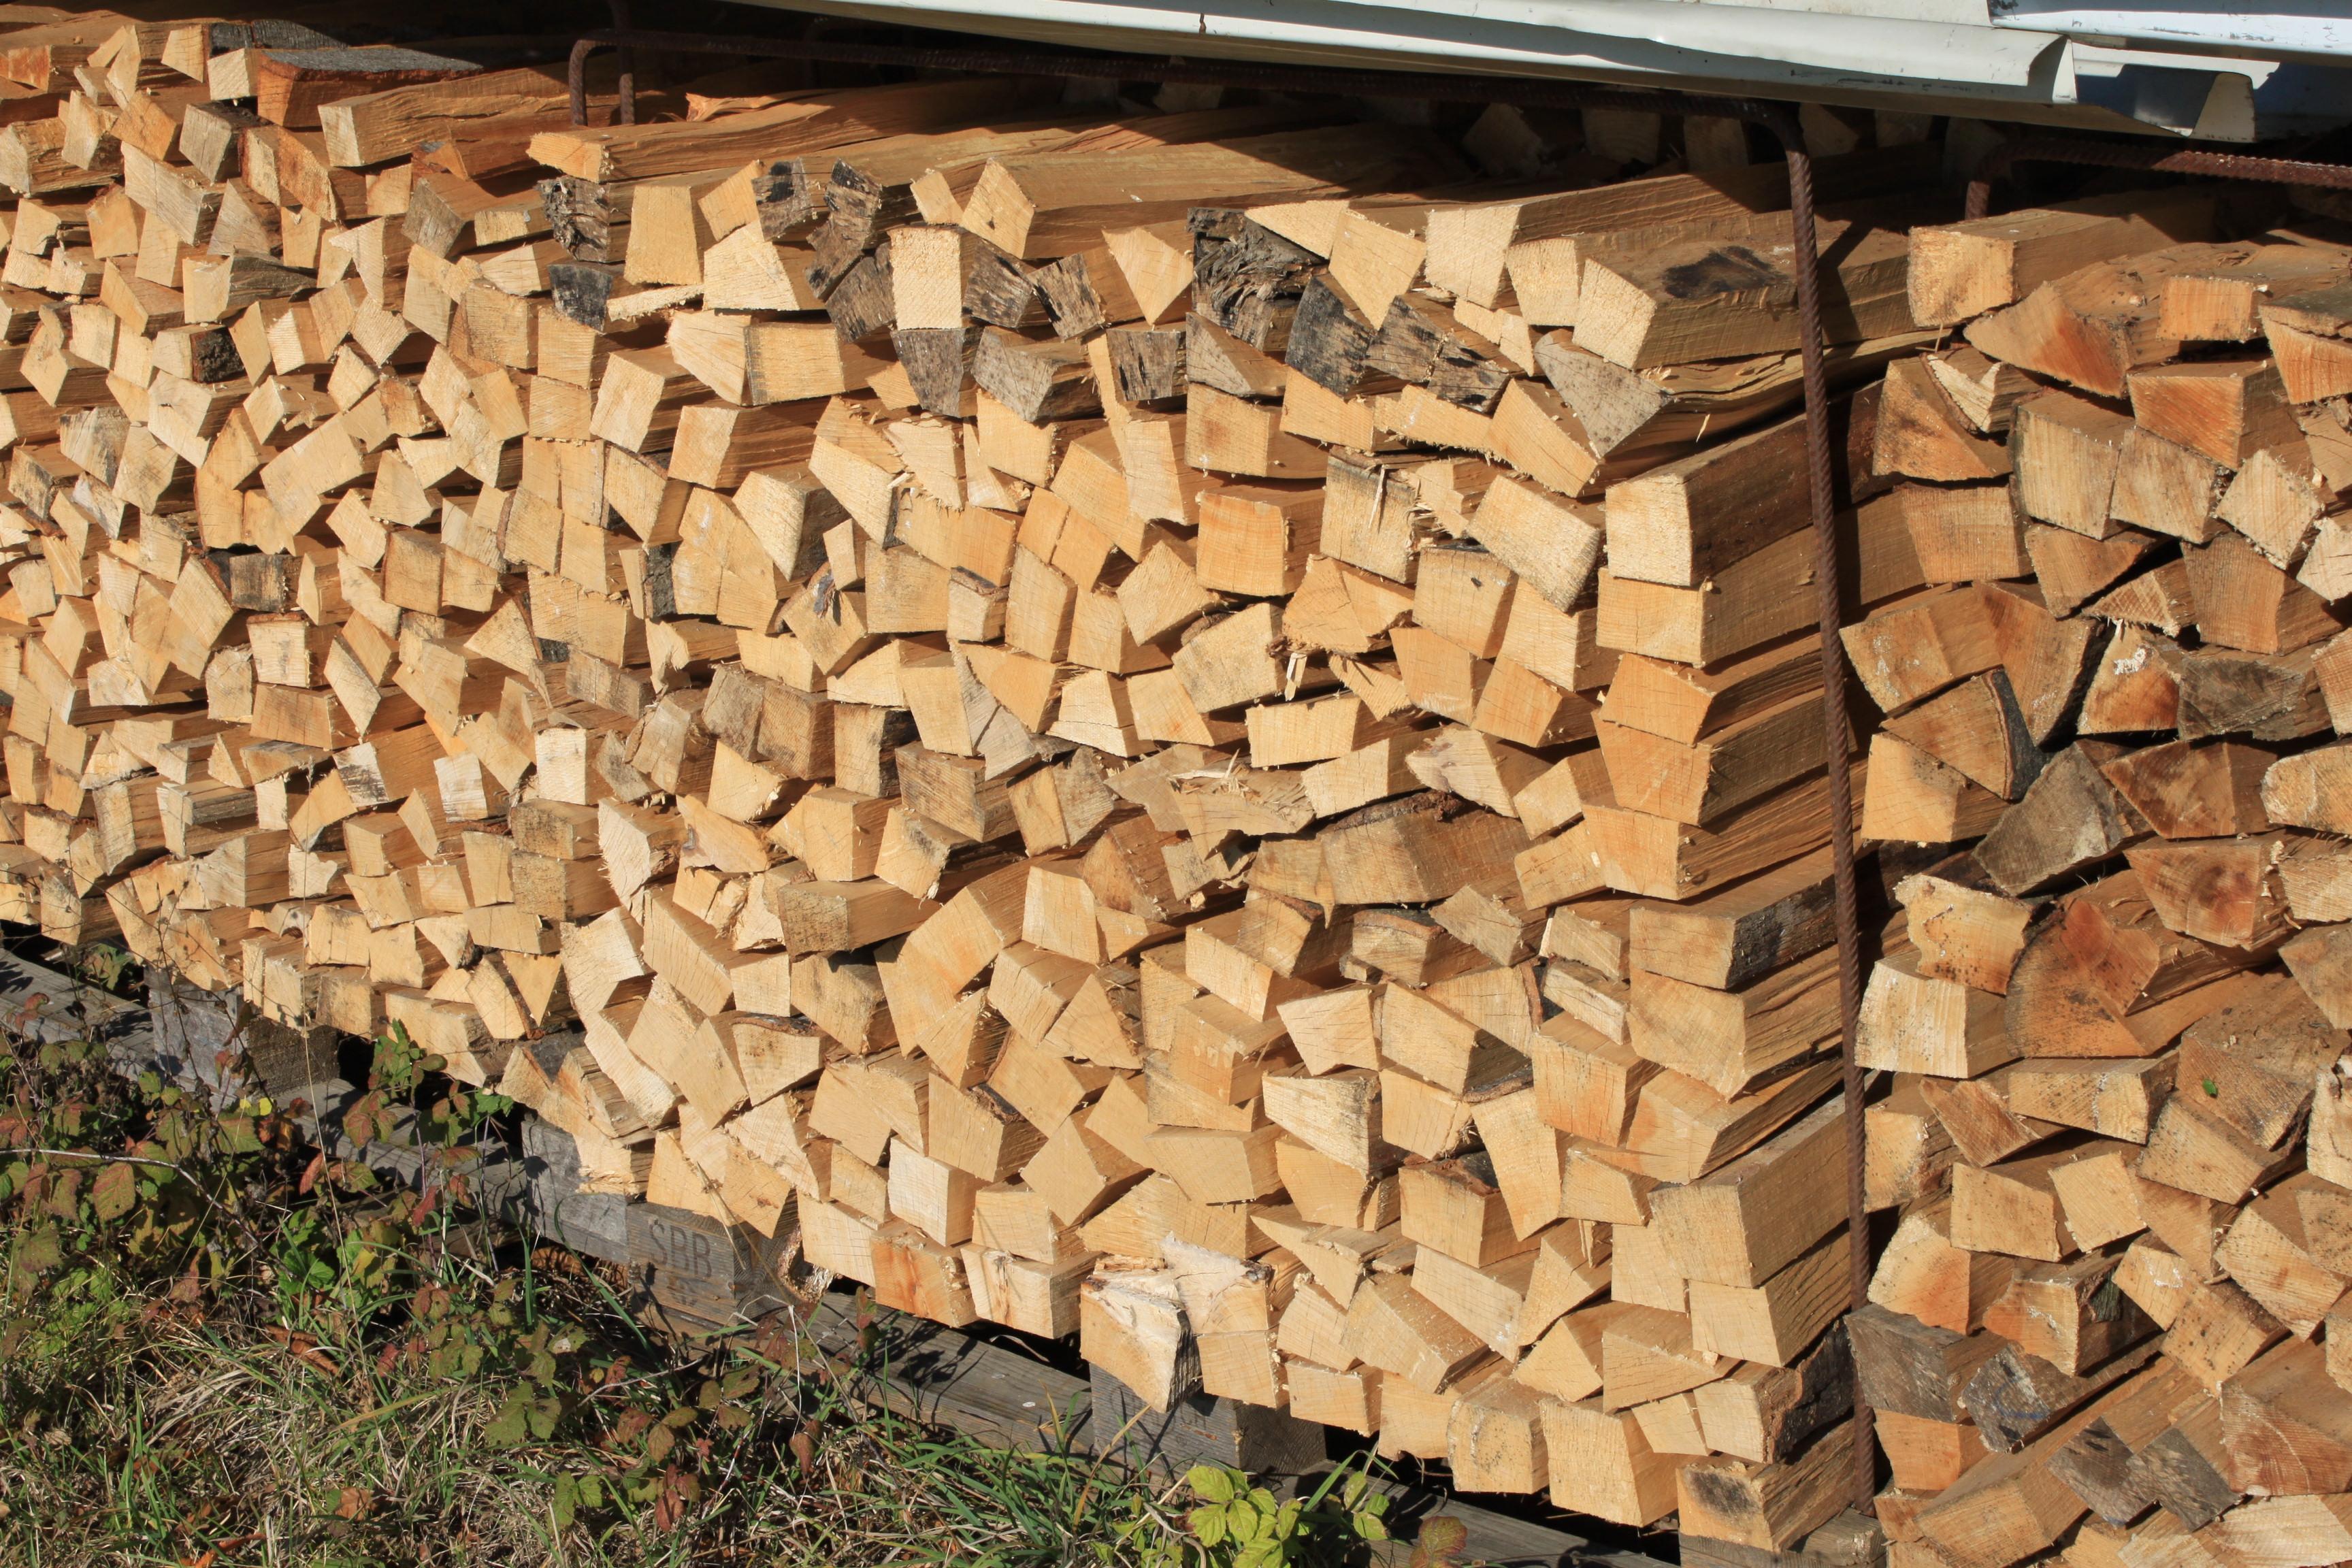 Prächtig brennholzkaufen.ch | Trockenes Brennholz online bestellen #EL_32